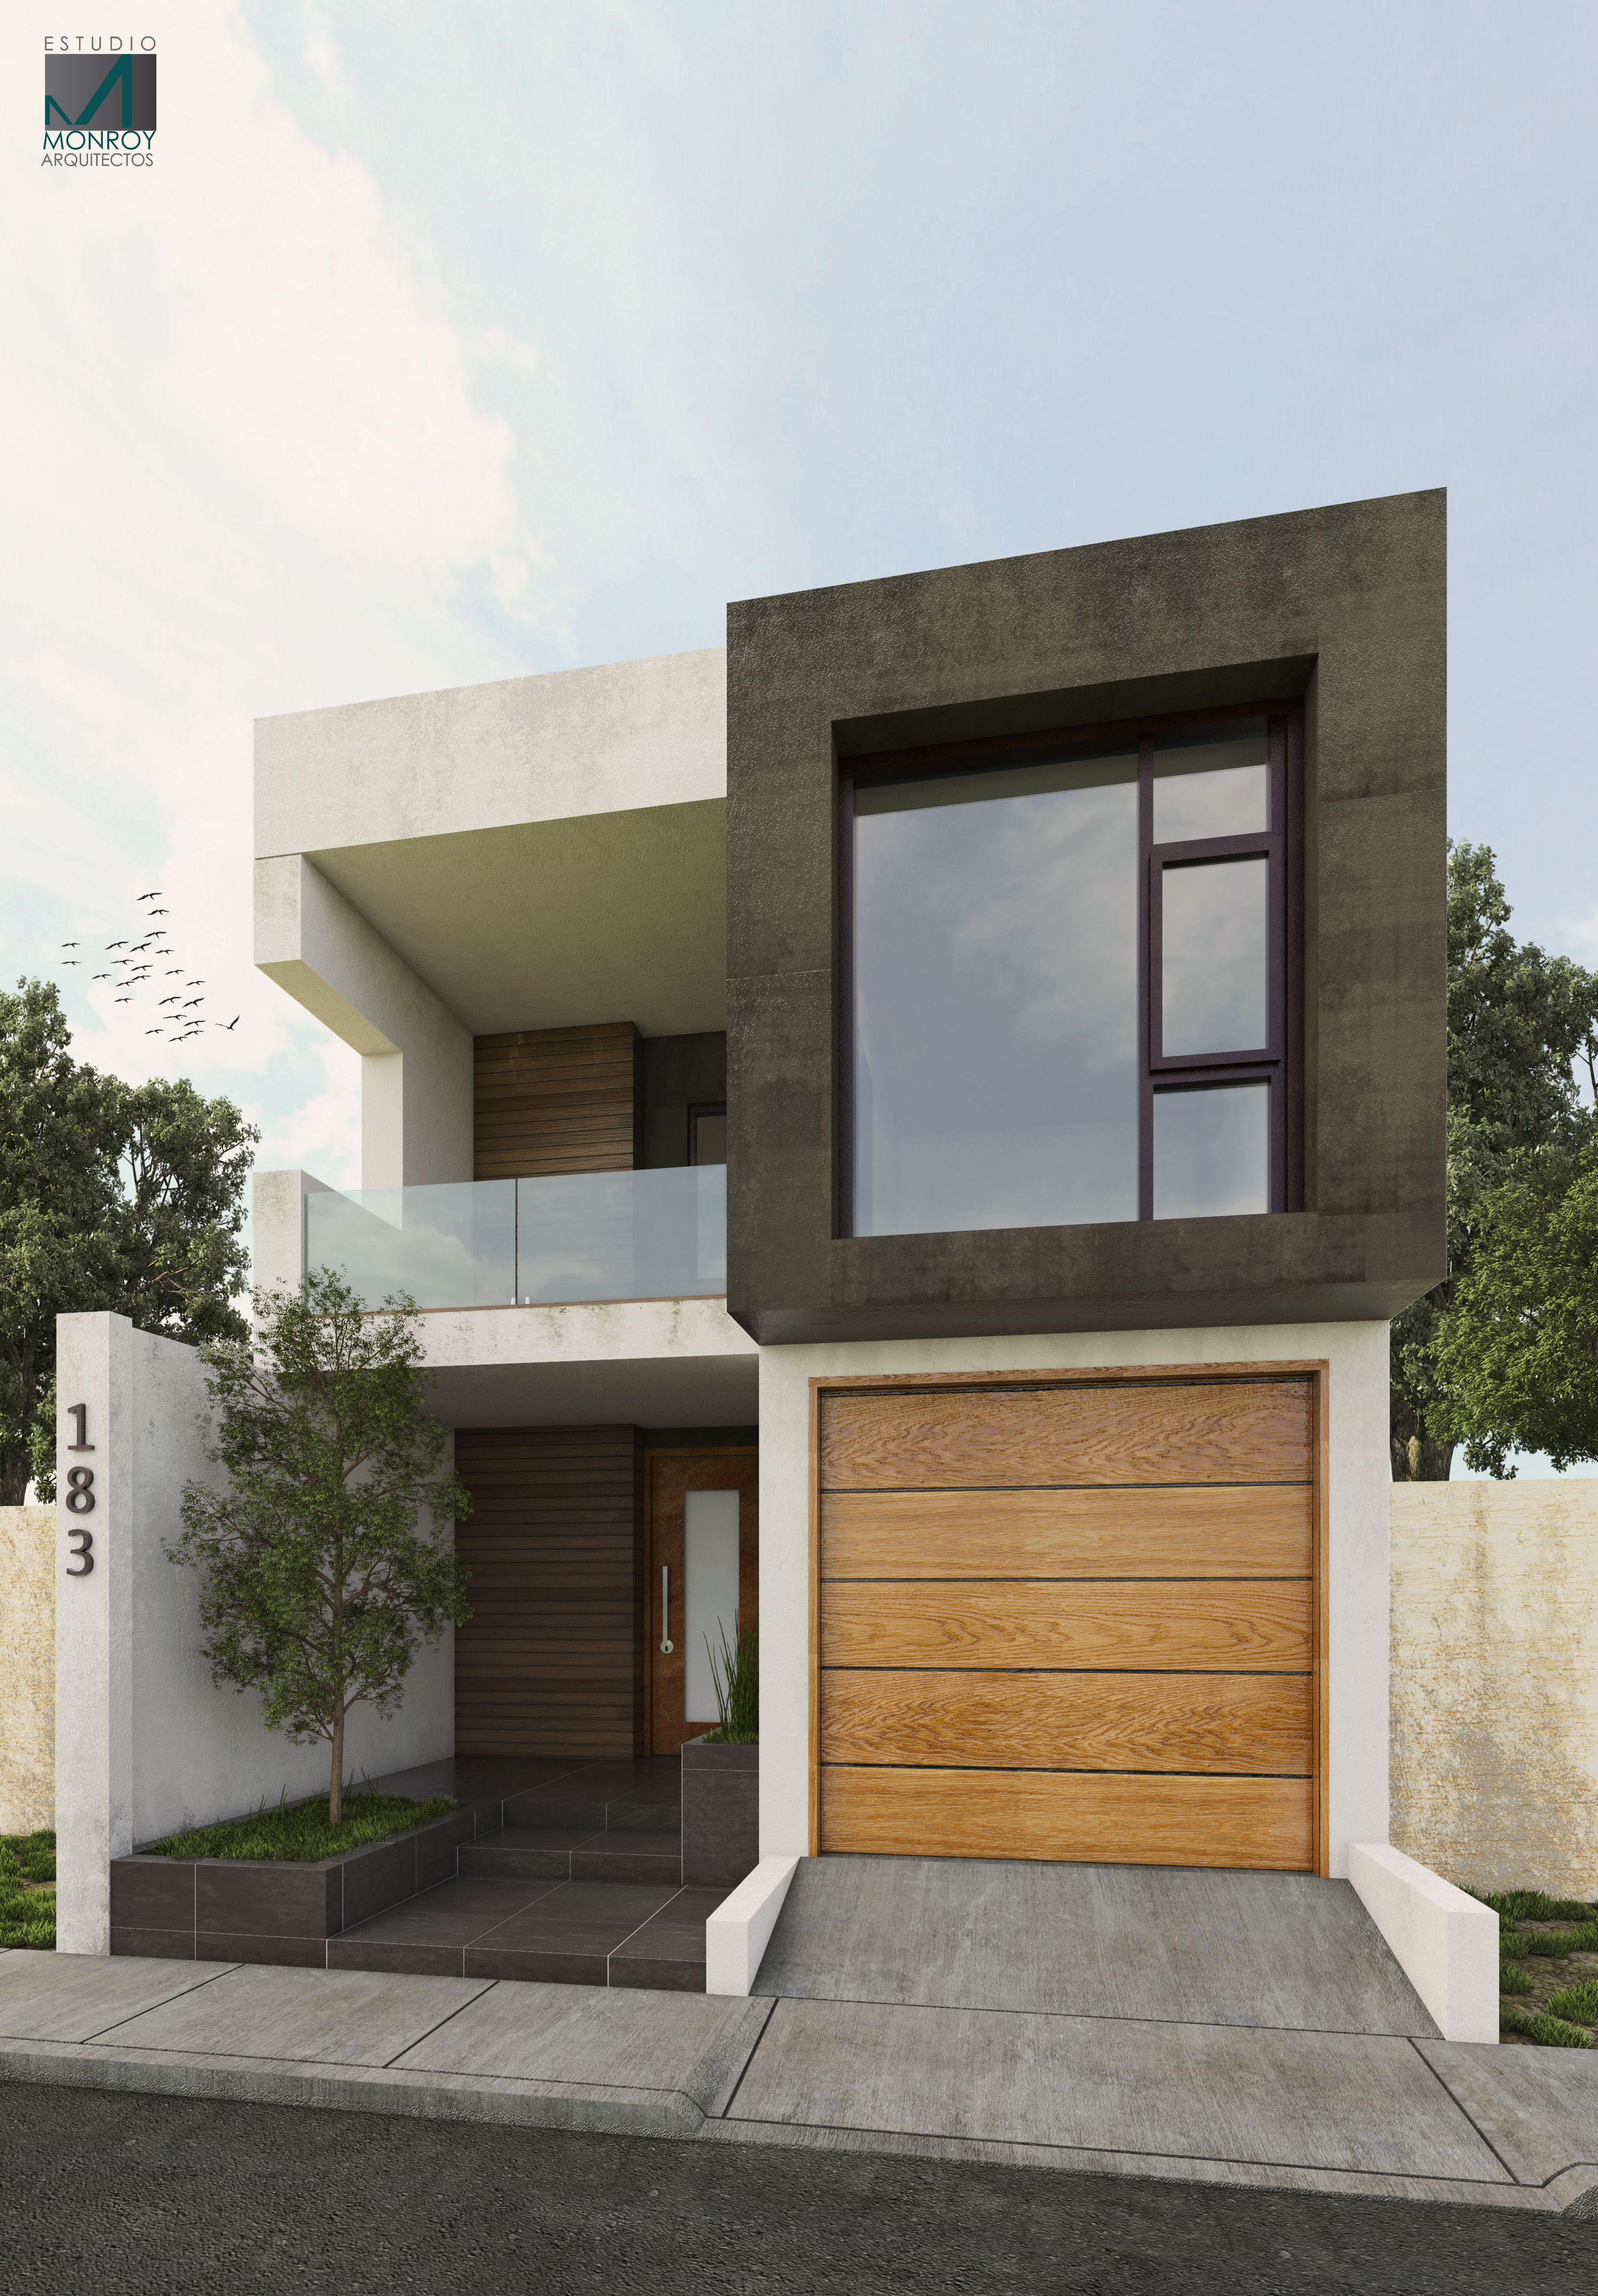 Projeto remodelaci n fachada contempor nea estudio for Viviendas minimalistas pequenas